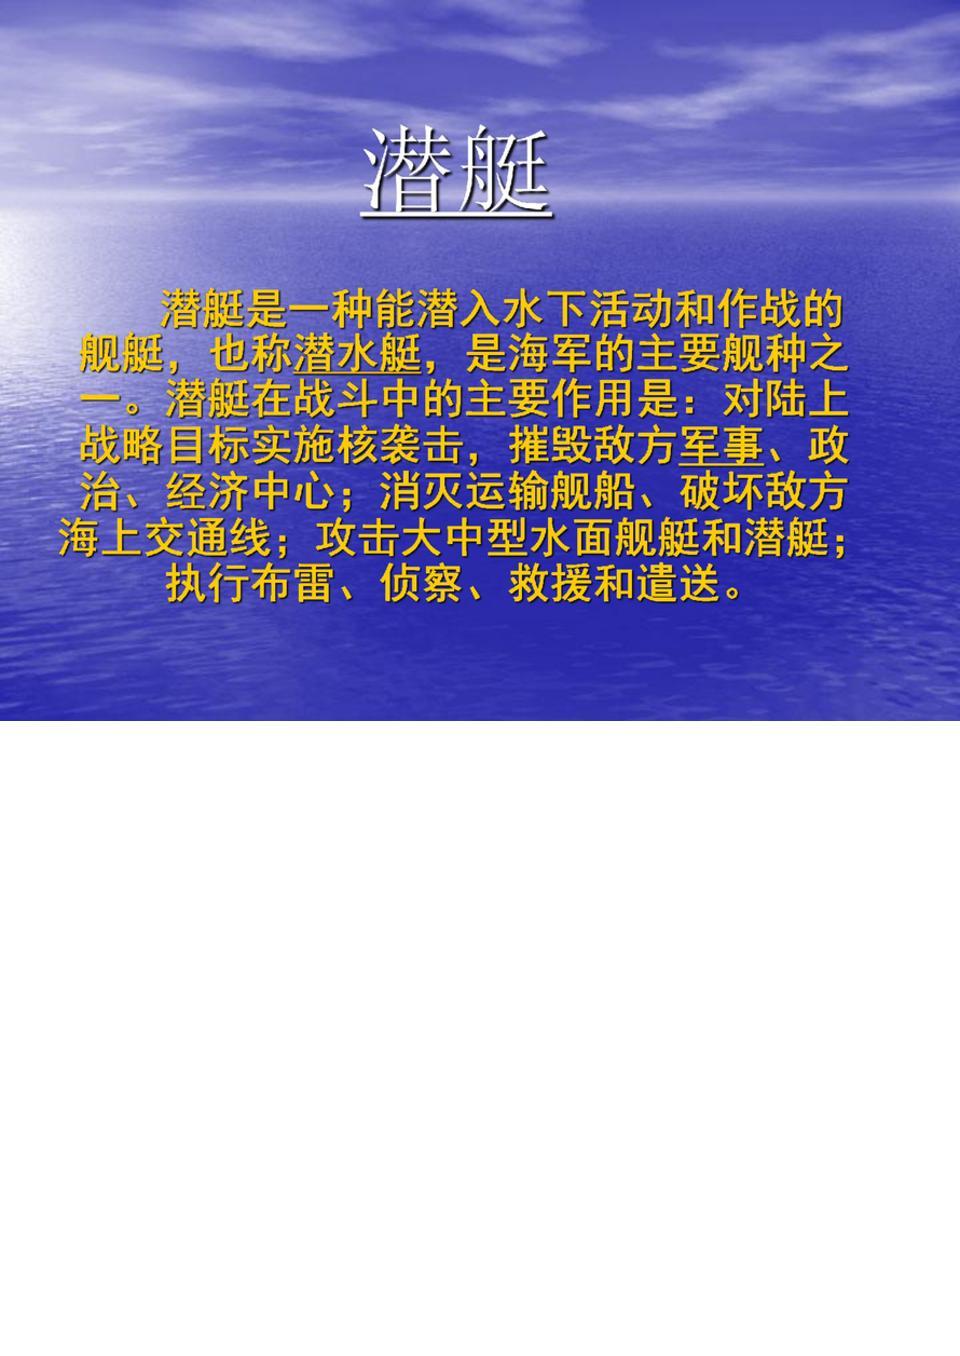 潜艇 演示文稿.ppt